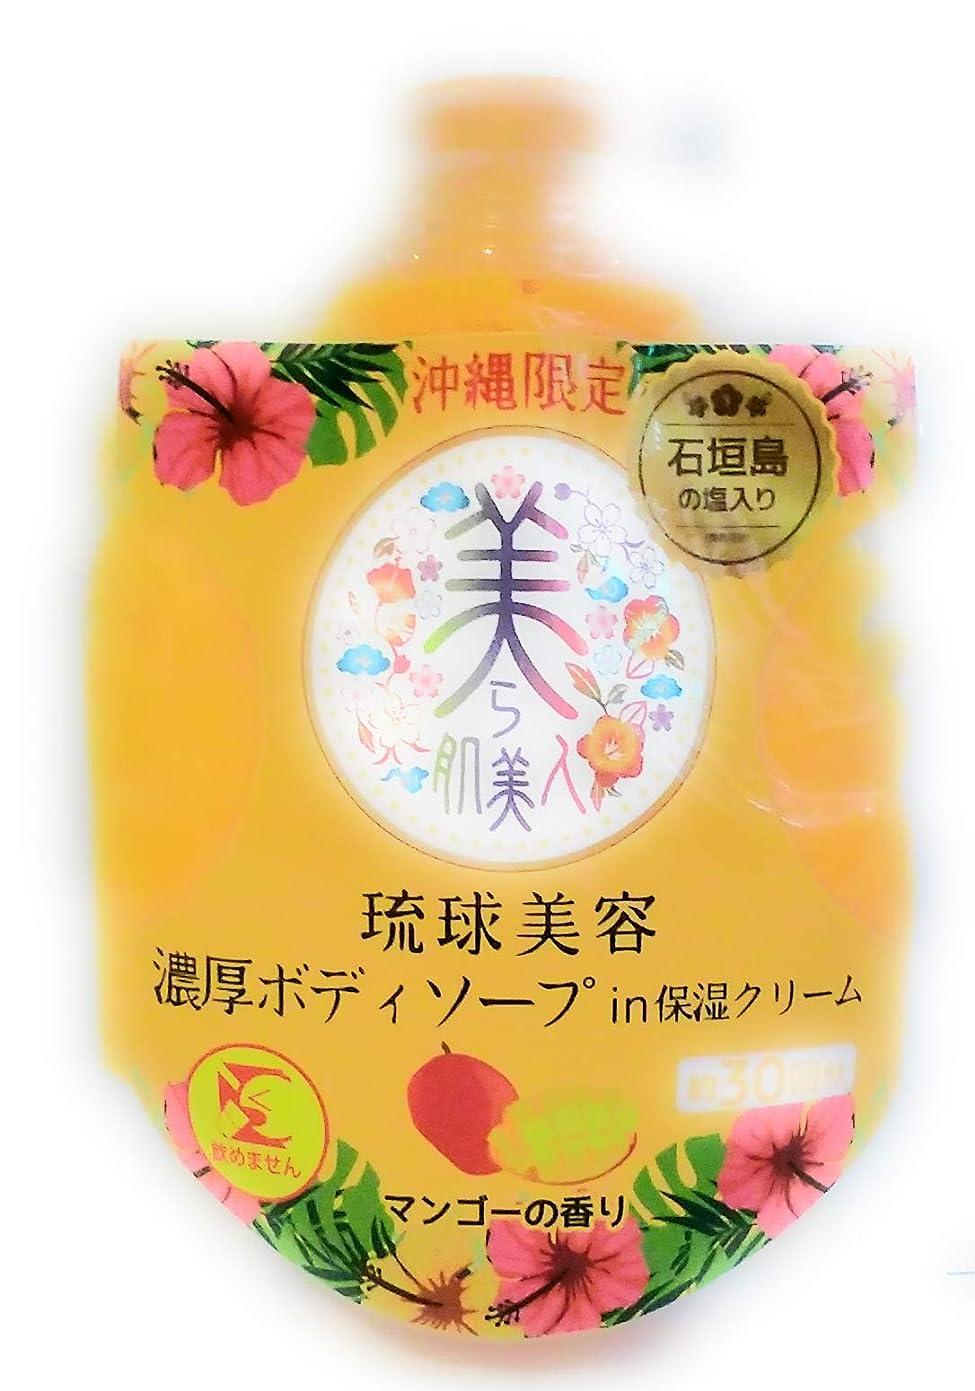 ピック十分かわいらしい沖縄限定 美ら肌美人 琉球美容濃厚ボディソープin保湿クリーム マンゴーの香り